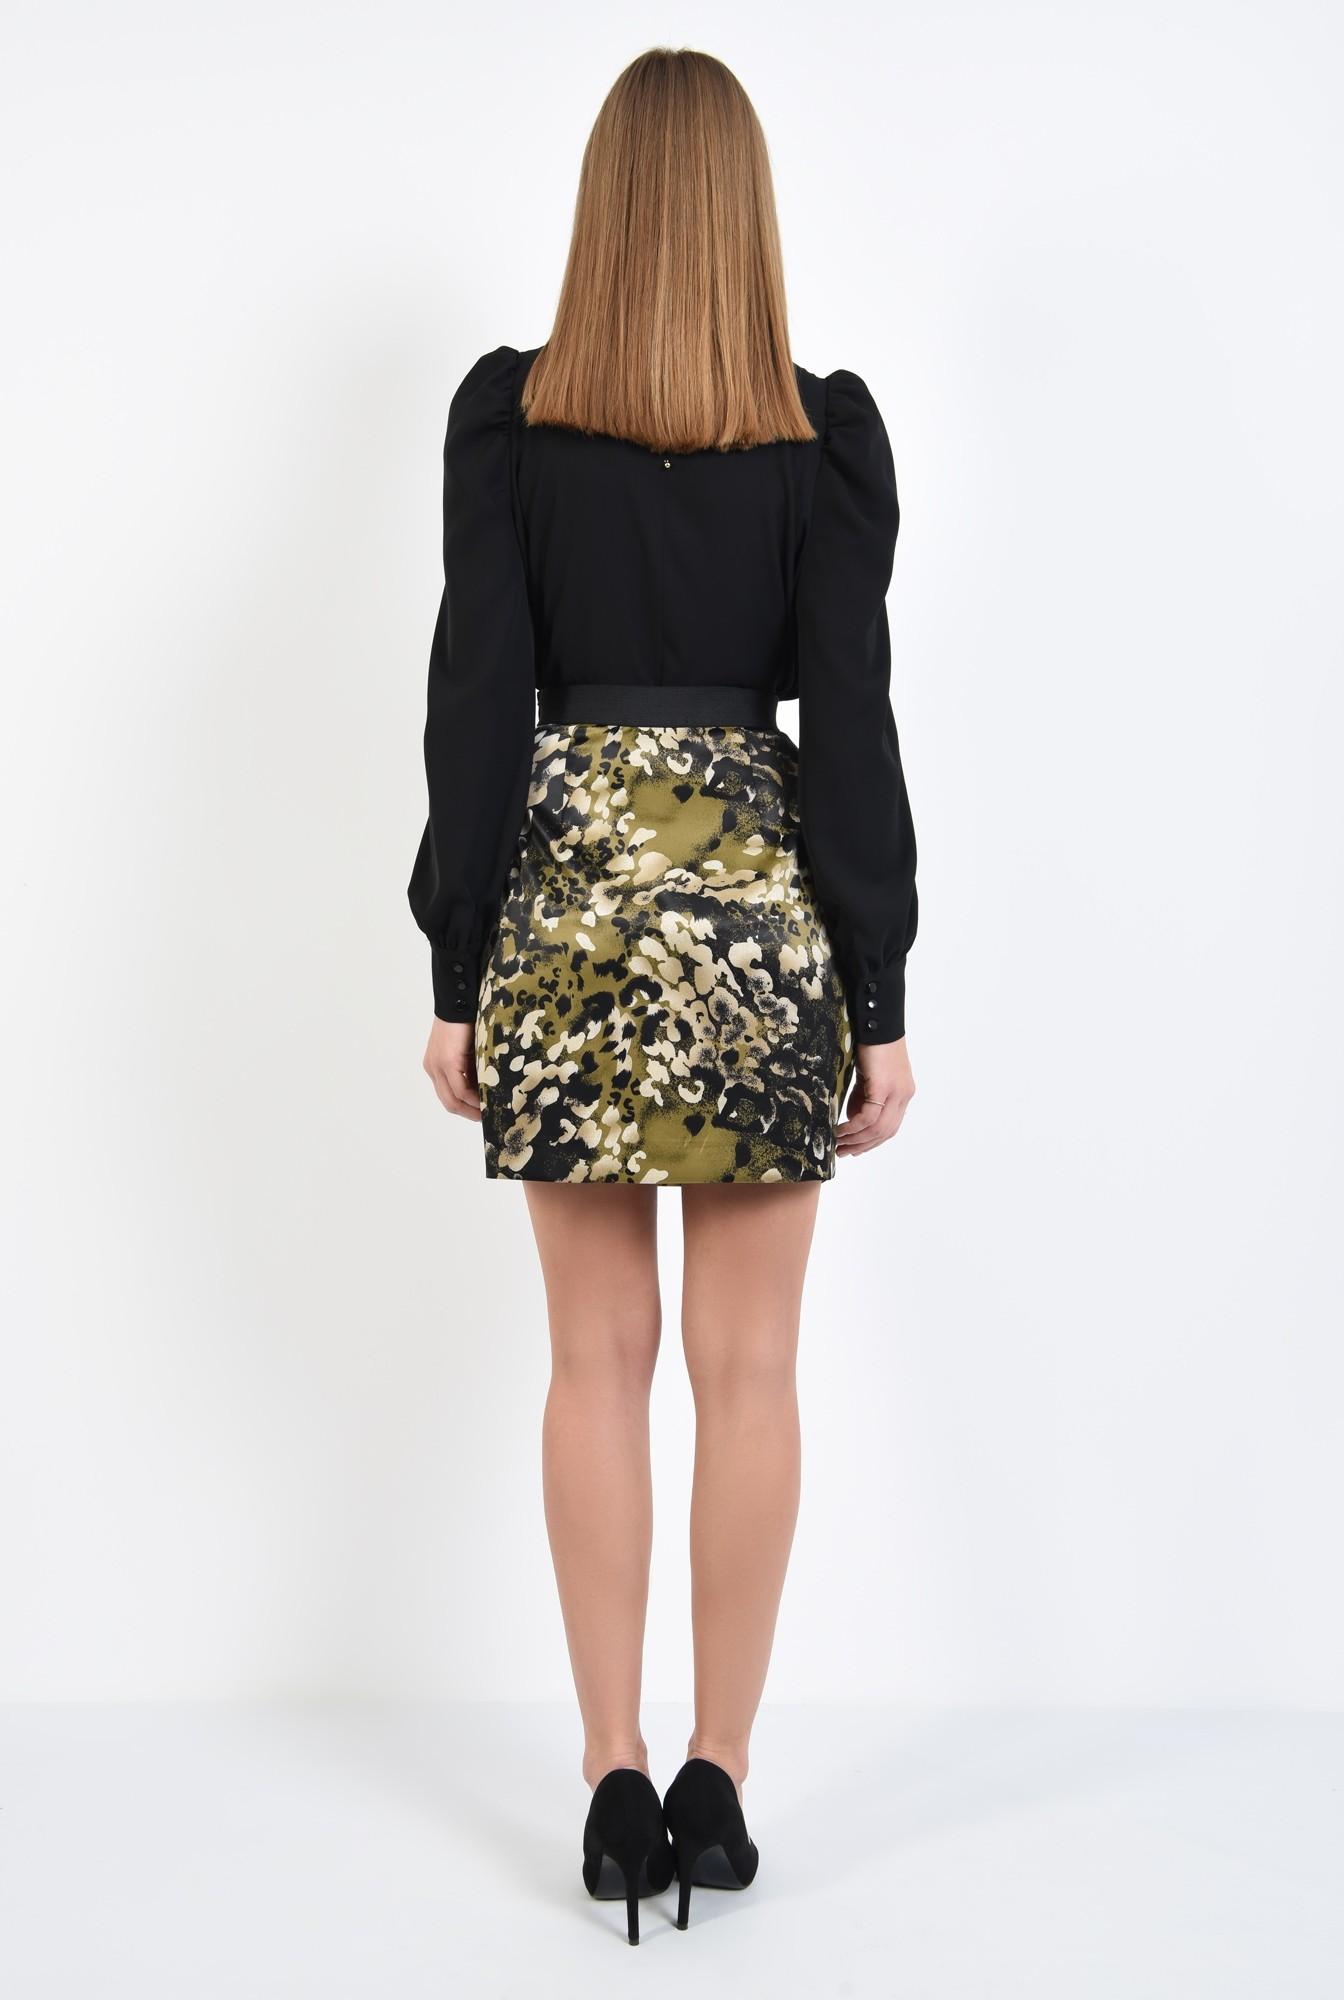 1 - fusta eleganta, din satin, cu print, kaki, usor drapata